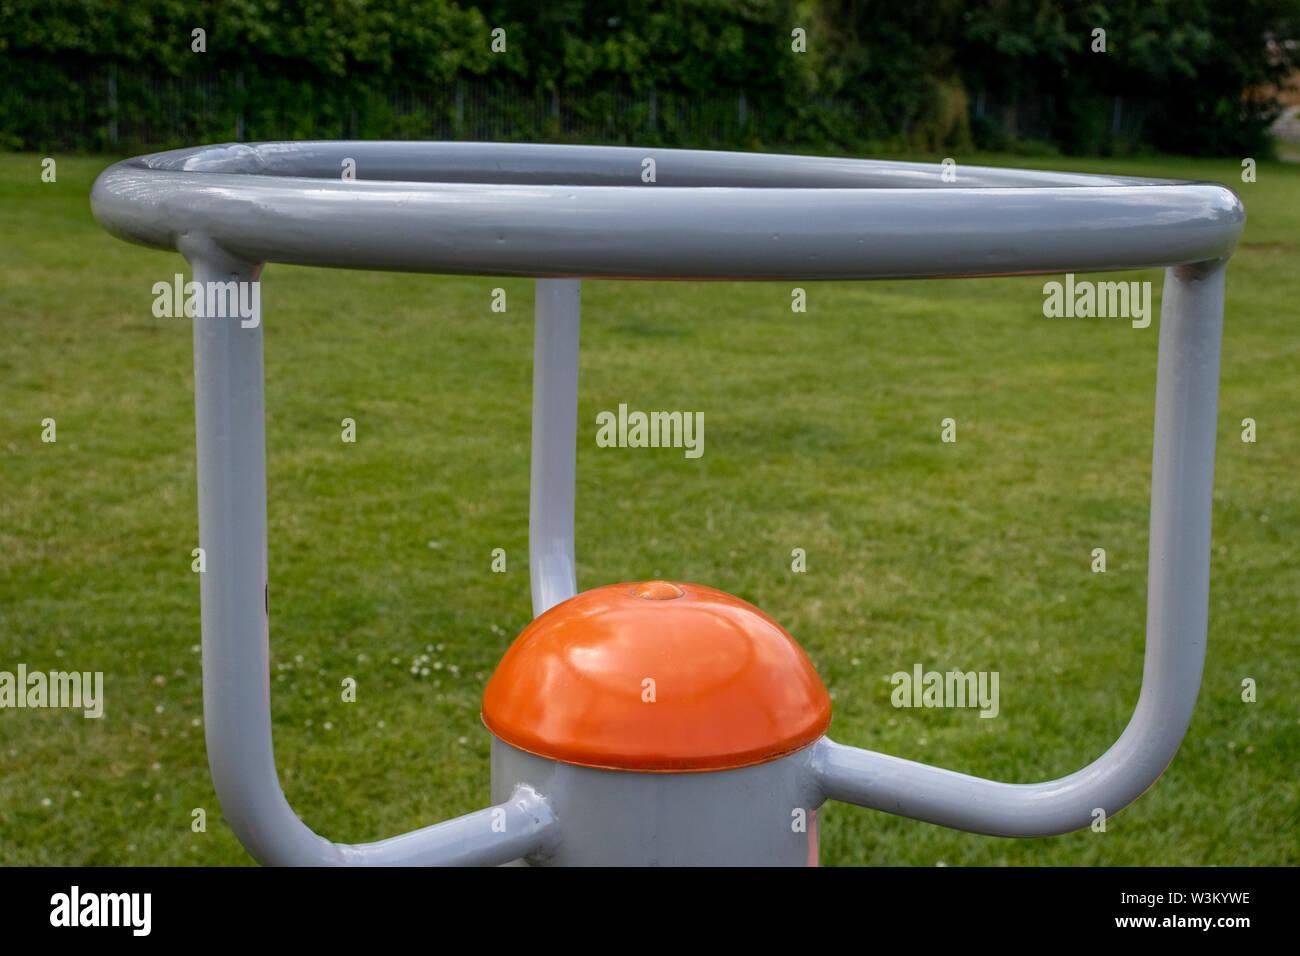 Equipamiento de ejercicio colocado alrededor de varias ubicaciones en un parque para uso gratuito por miembros del público en Swadlincote ,Derbyshire.UK Imagen De Stock